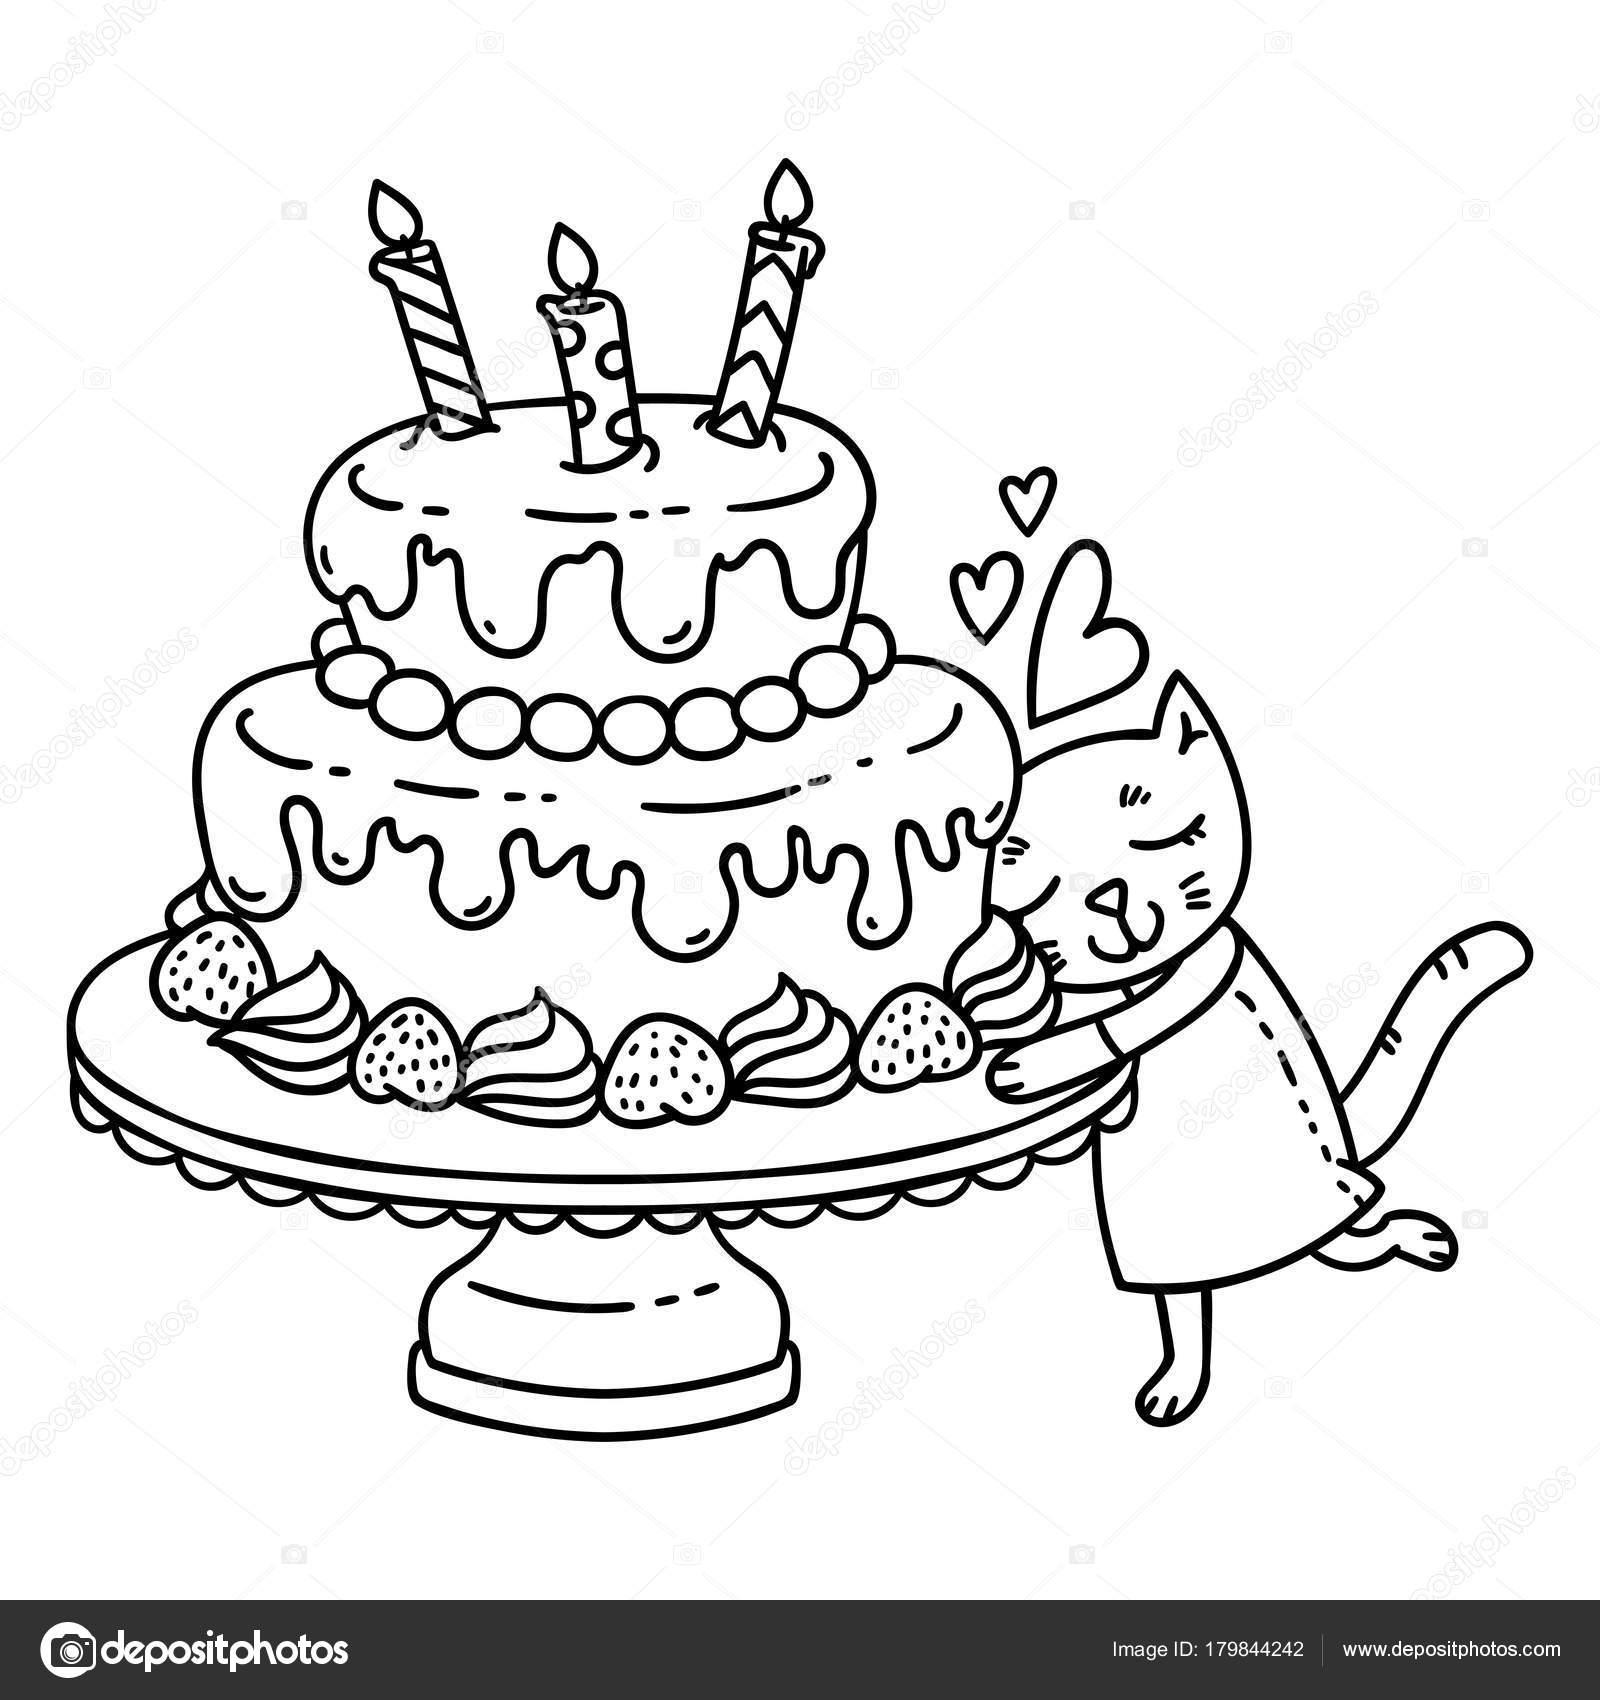 Pastel Cumpleaños Con Vela Lindo Gato Objetos Aislados Sobre Fondo ...